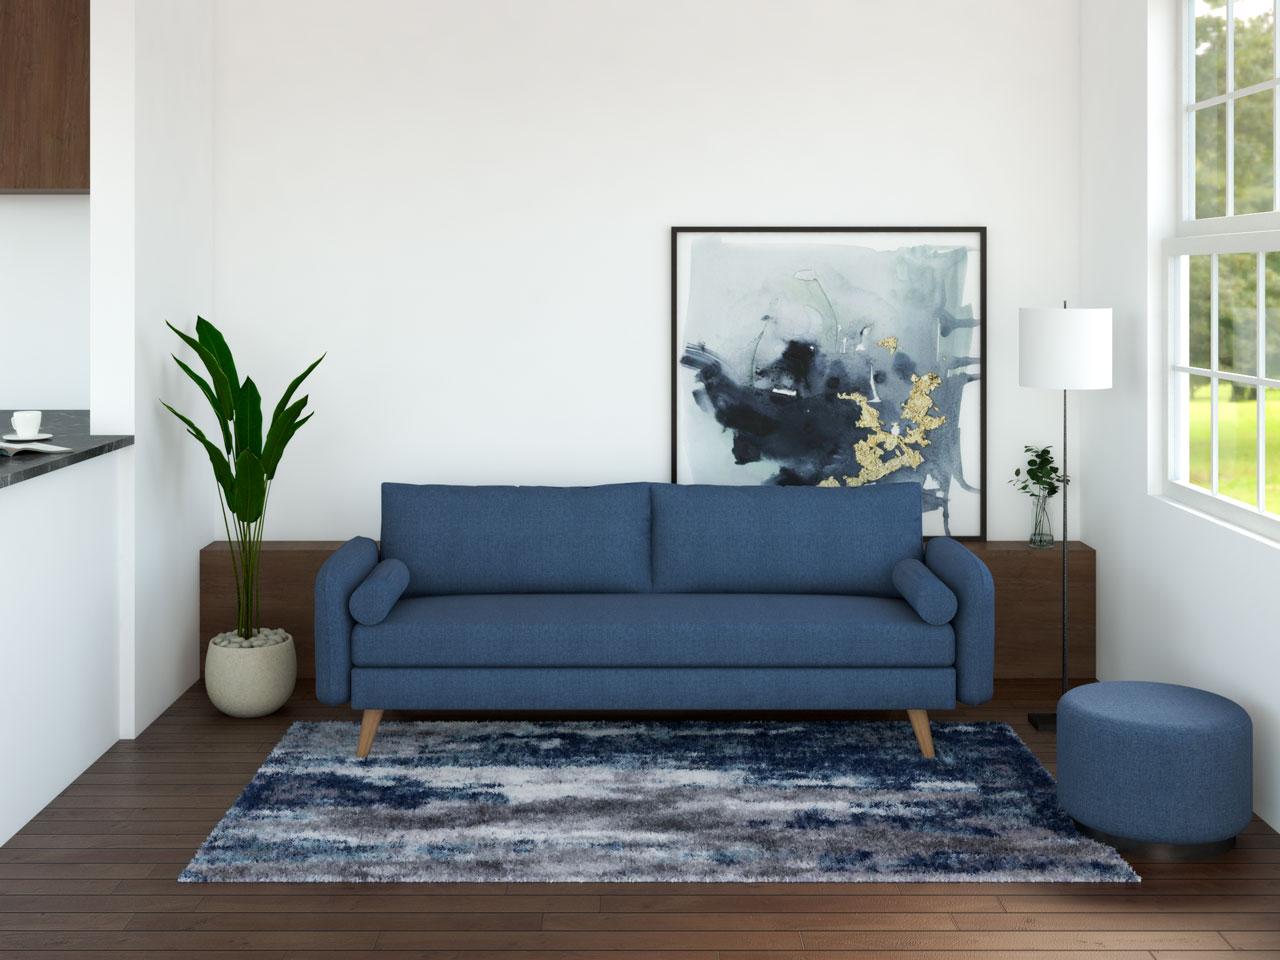 Blue furniture with dark flooring